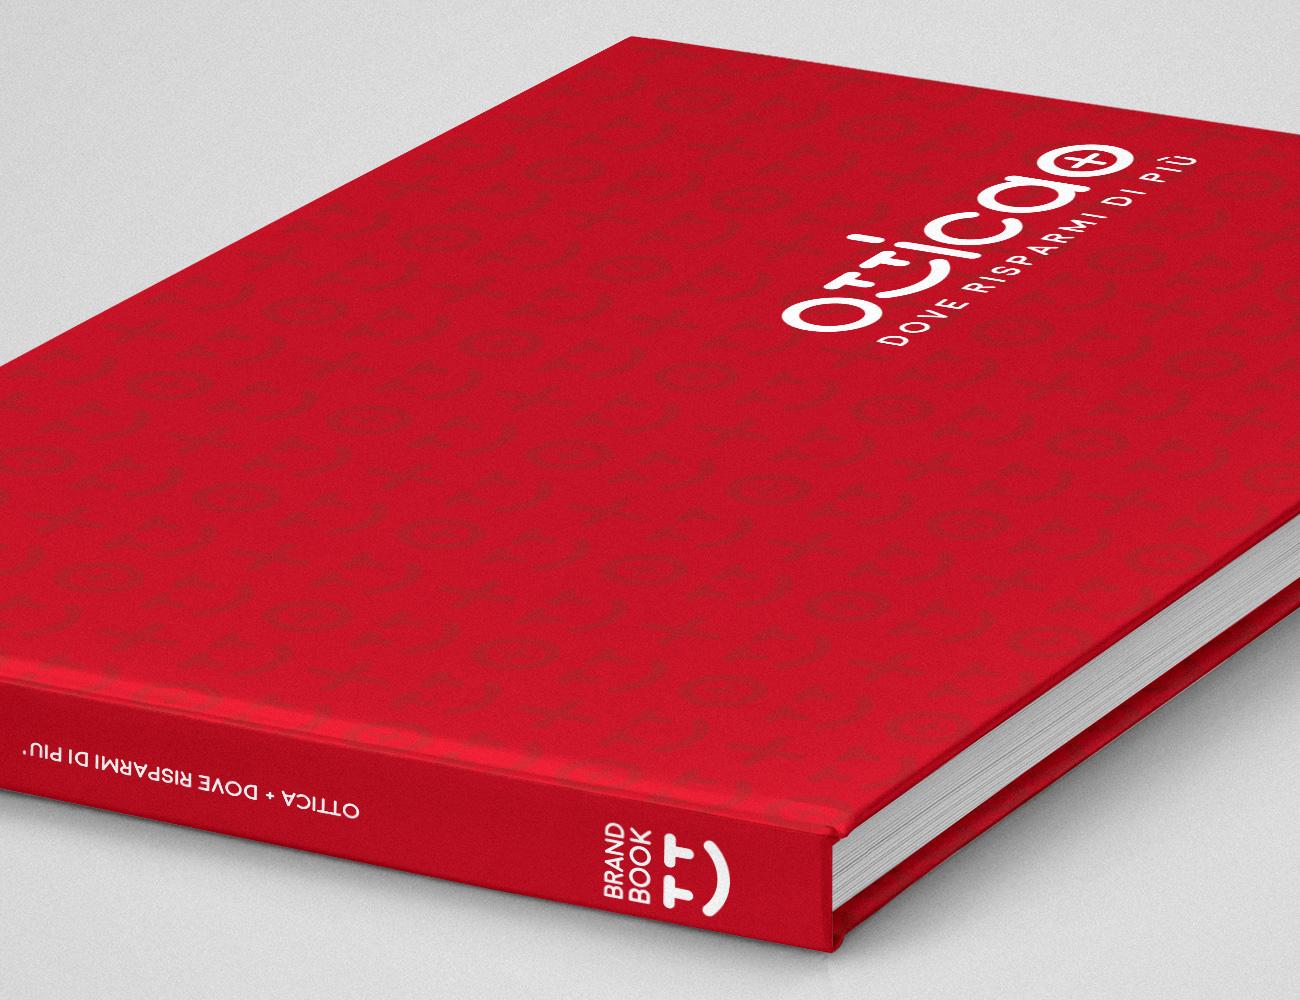 copertina-progetto-marchio-logo-ottica-piu-dove-risparmi-di-piu-simone-roveda-digit81-02